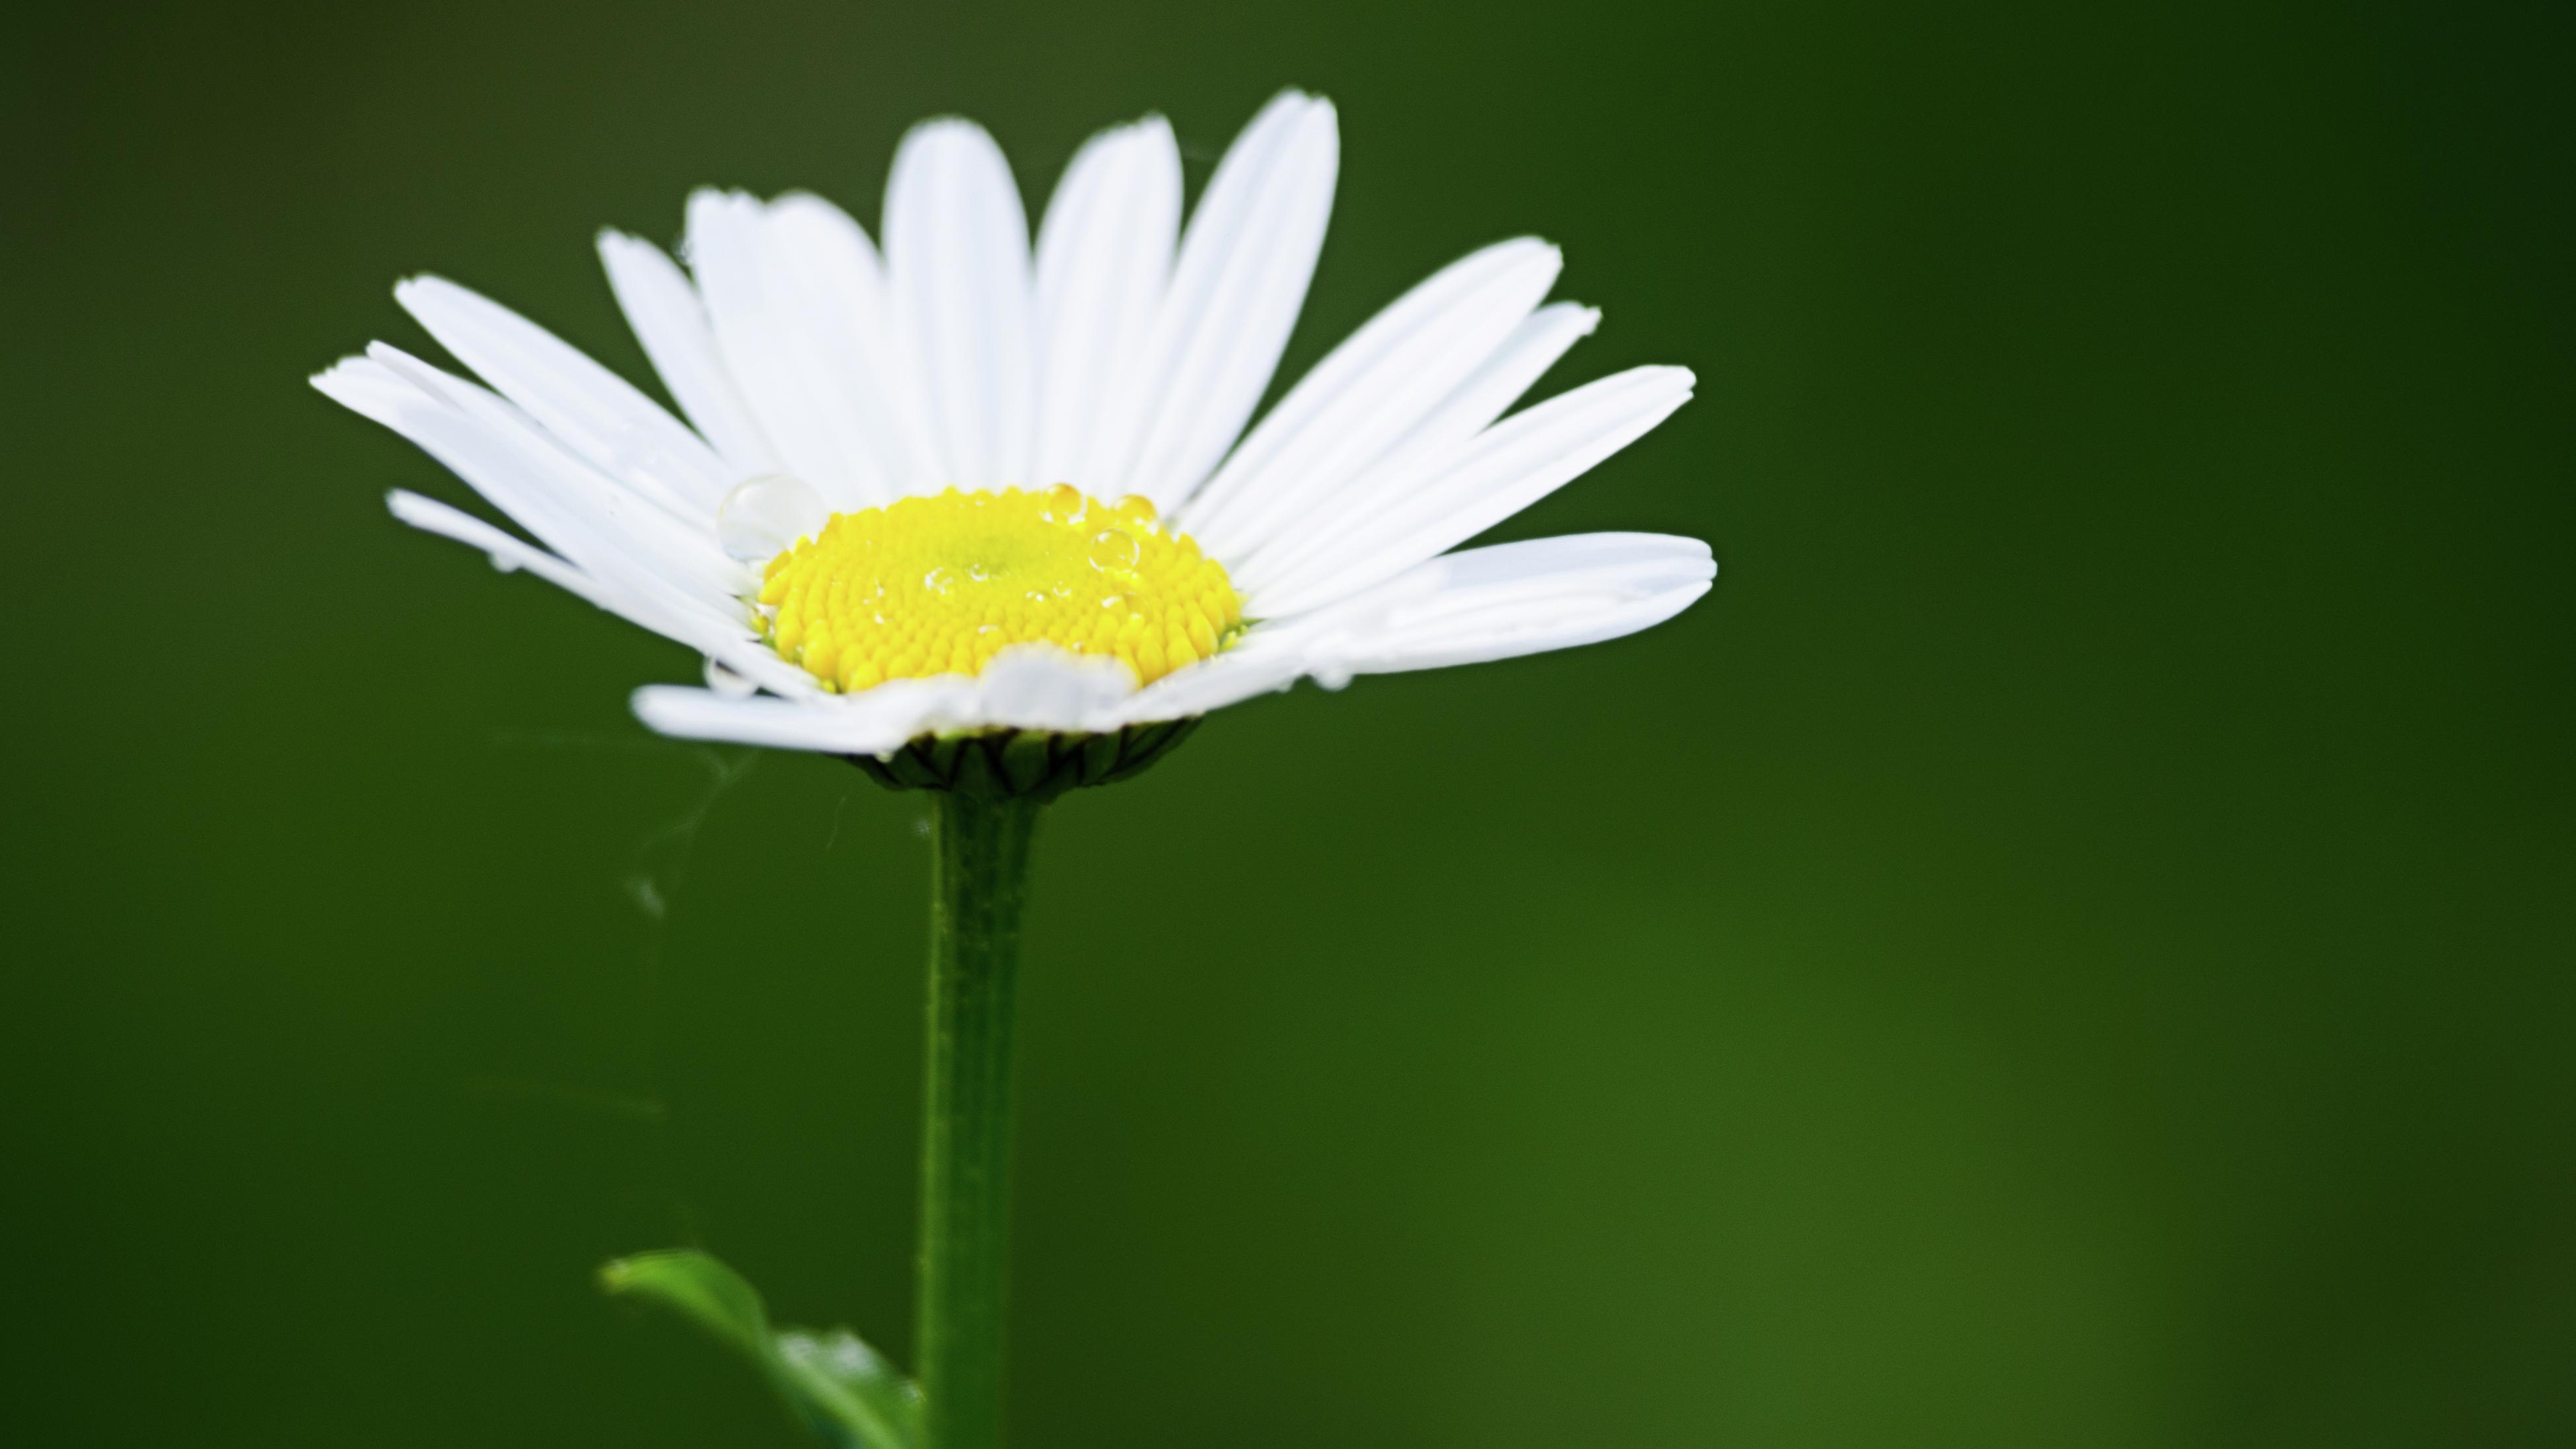 close up of a pyrethrum daisy